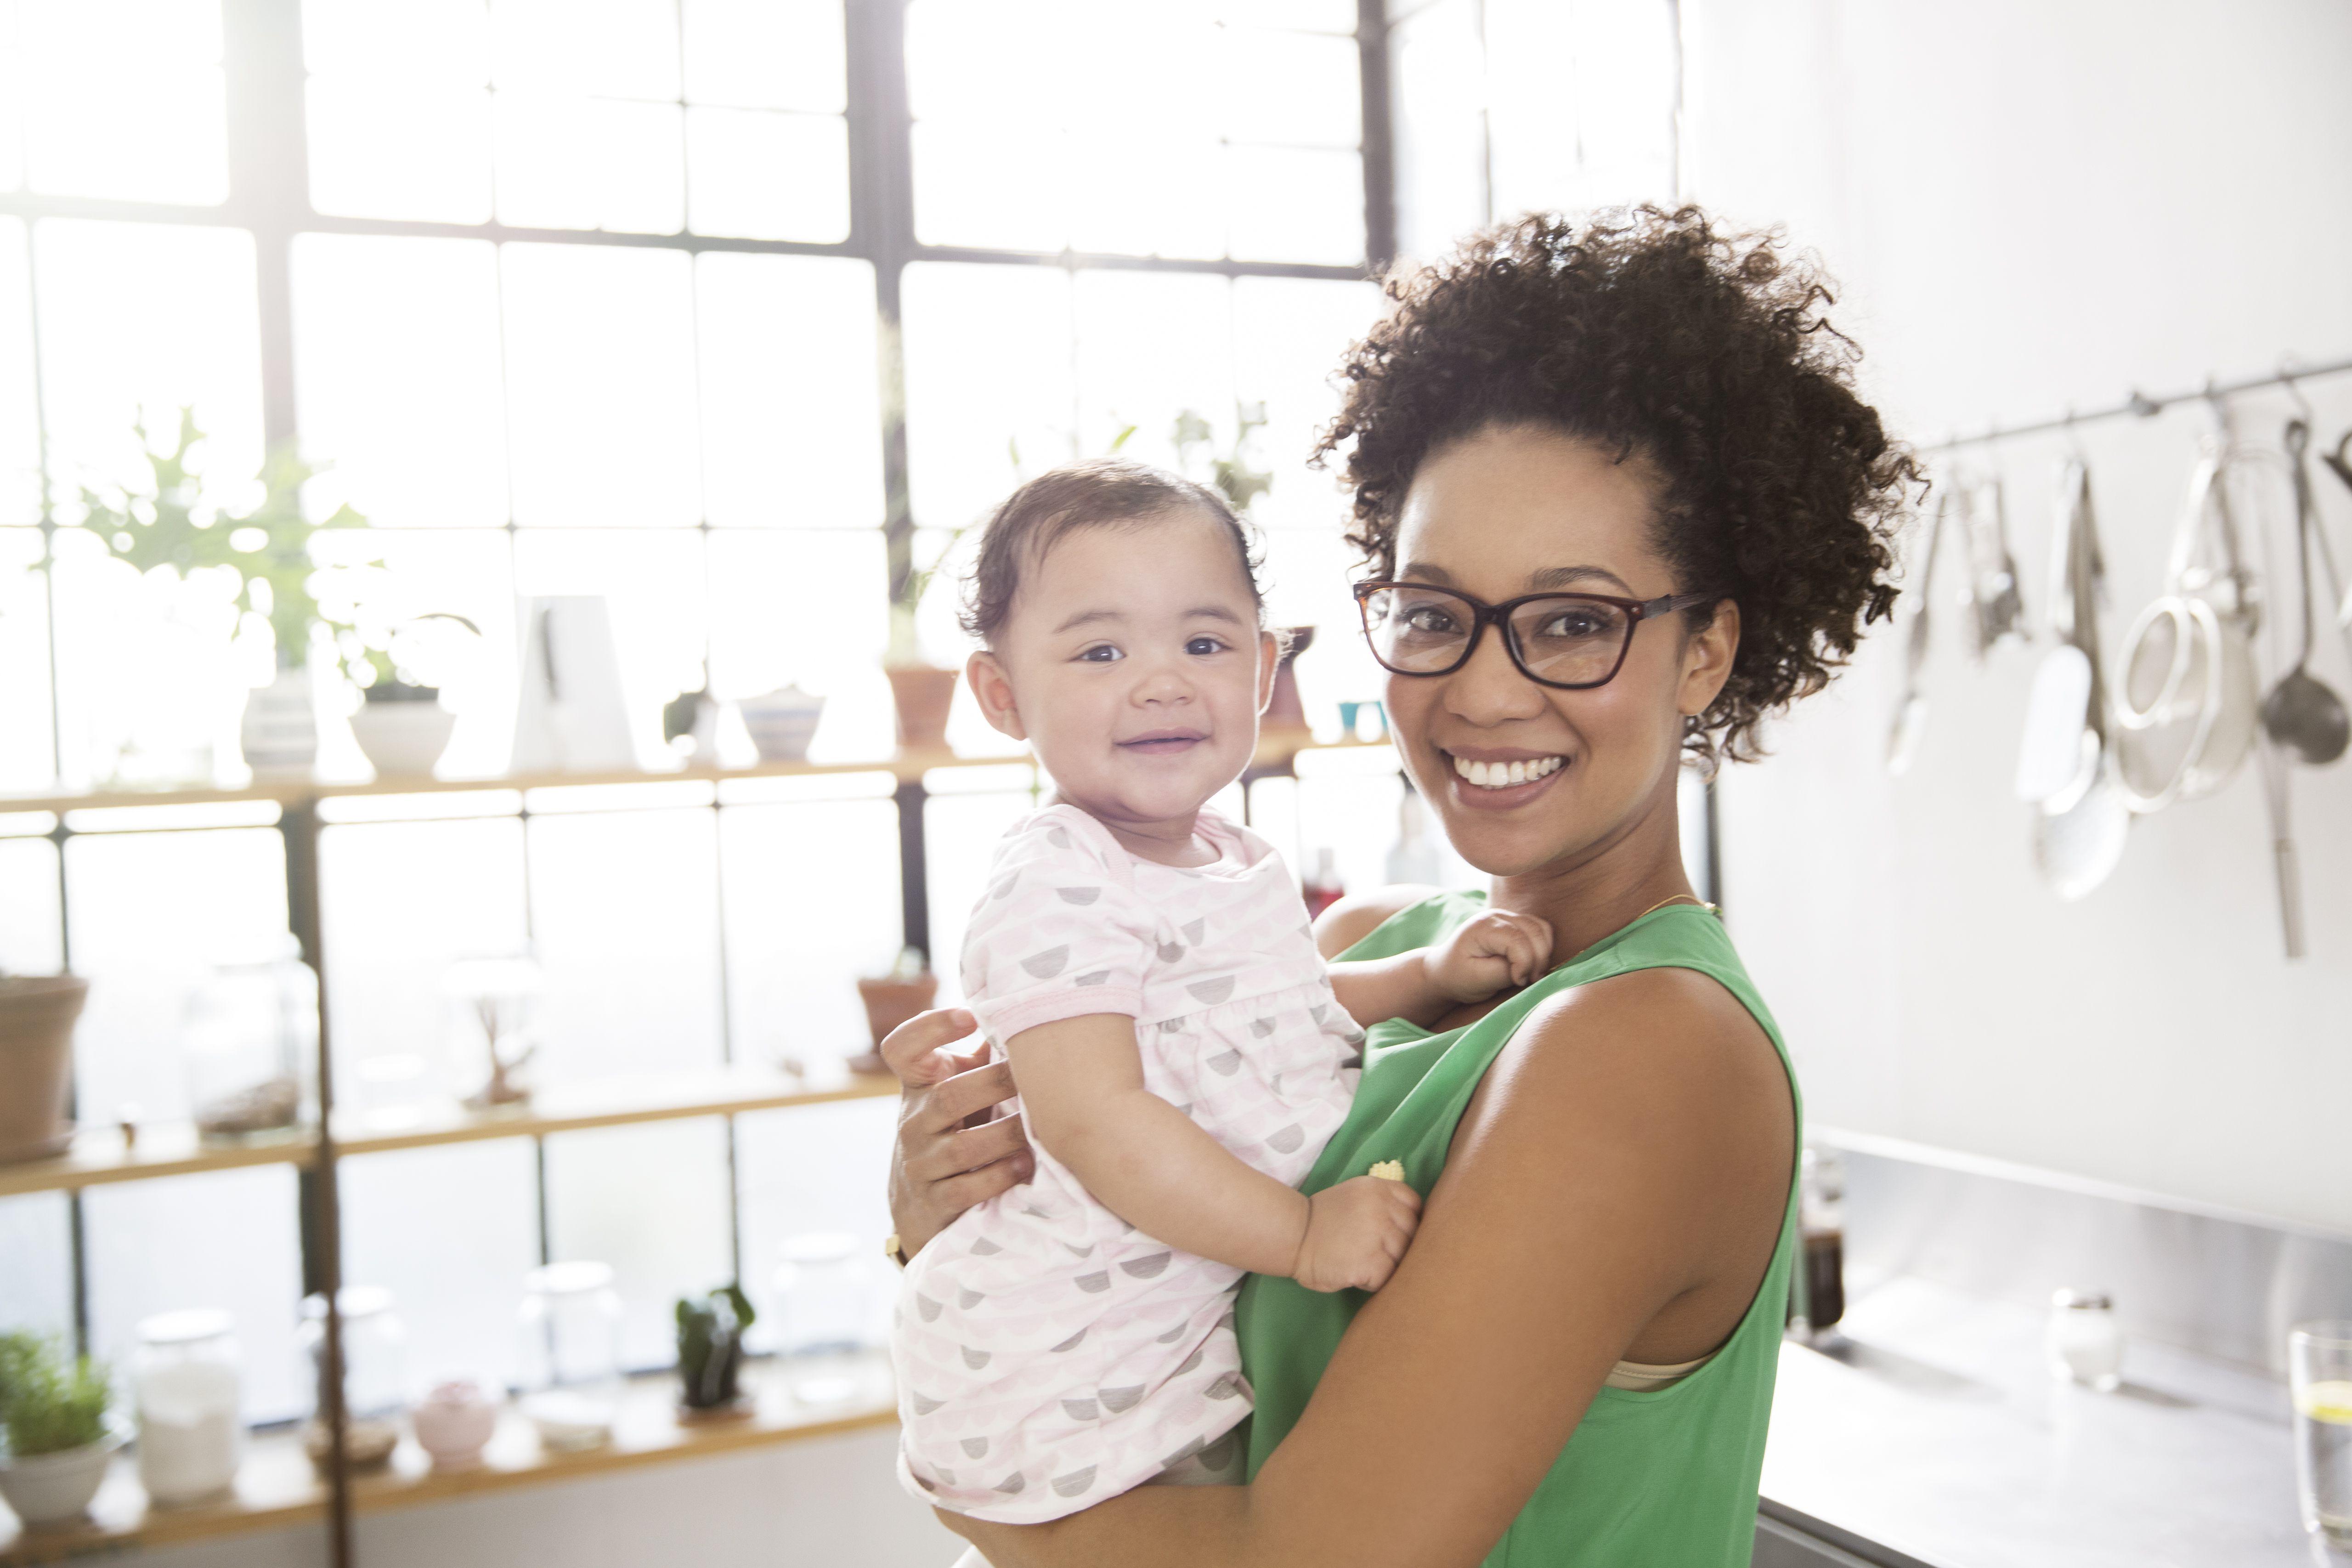 Datant Pour Les Parents - 2 Conseils Sur Recherche Pour D'Amour En Ligne